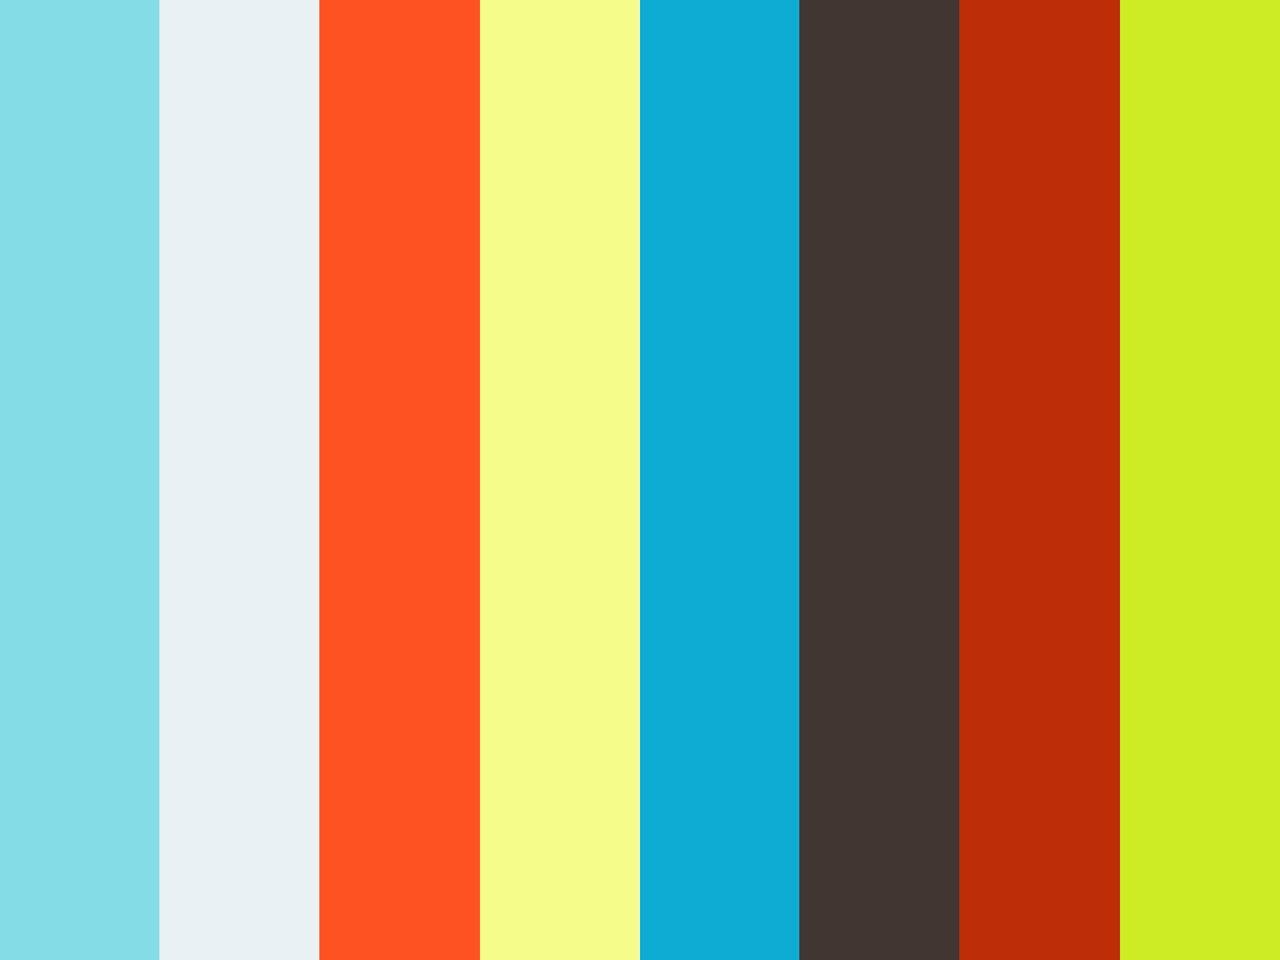 Molokai Covid19 update March 20, 2020